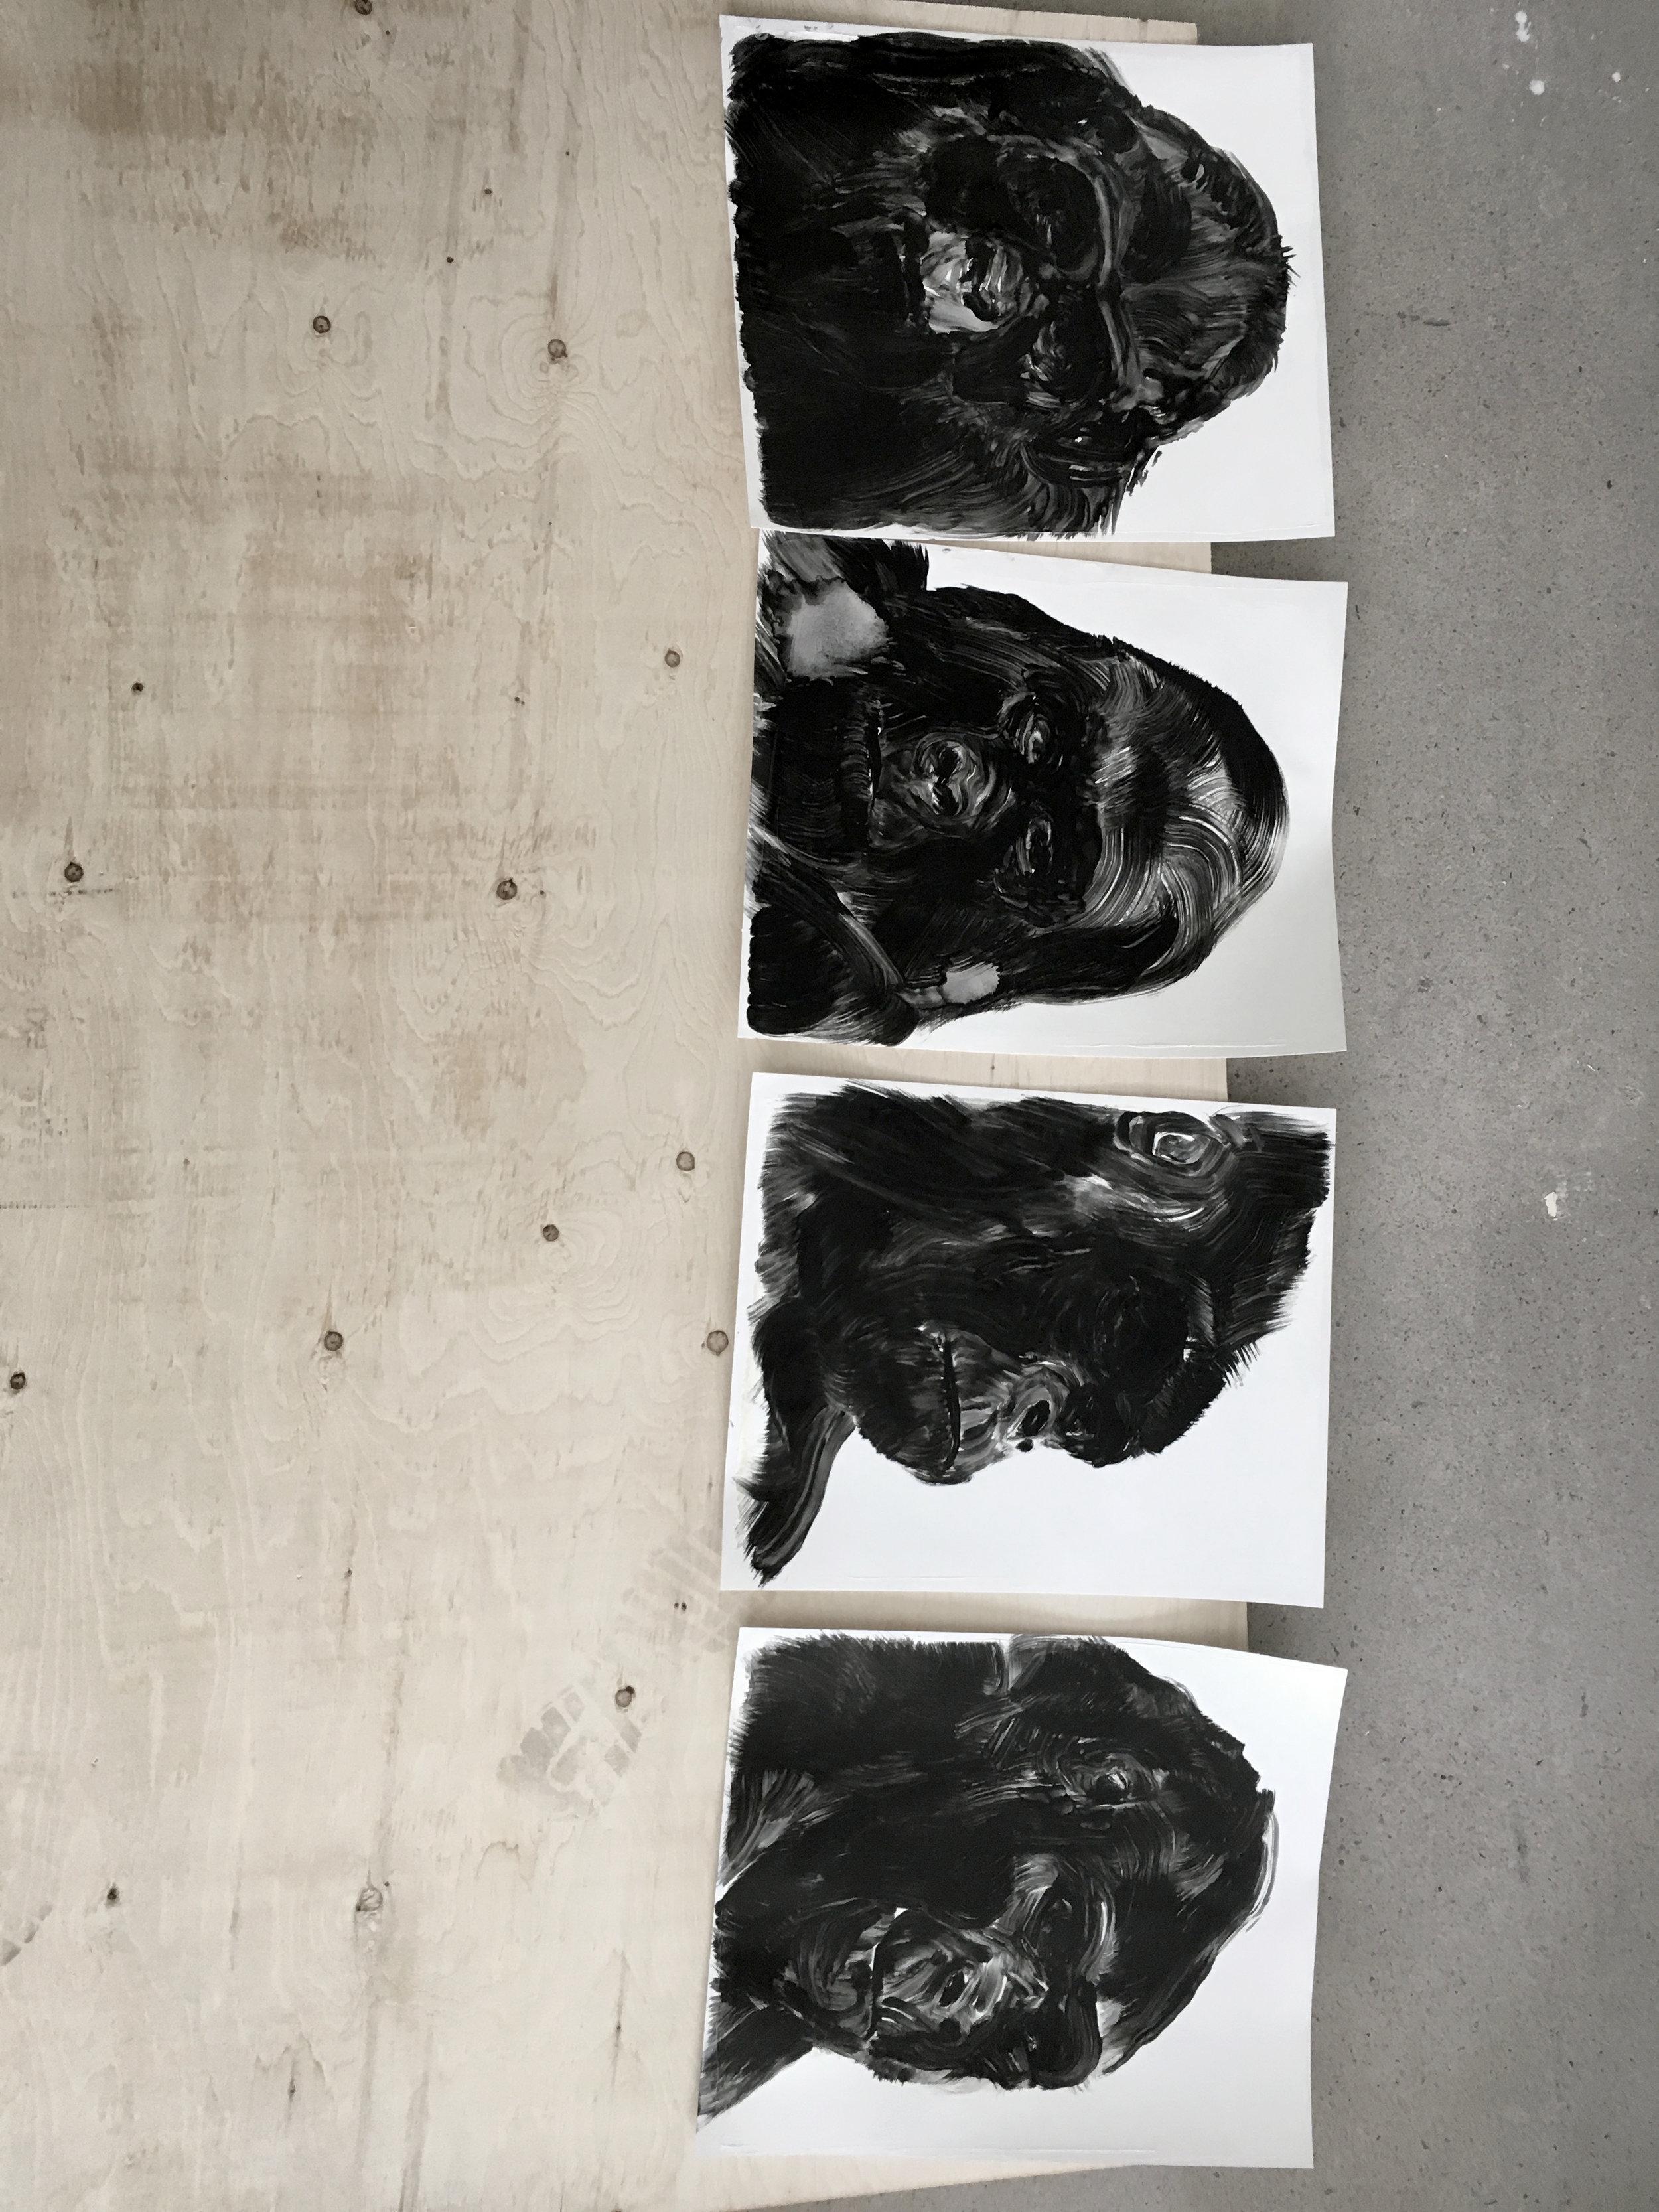 Portraits de gorilles  Études à l'huile sur papier